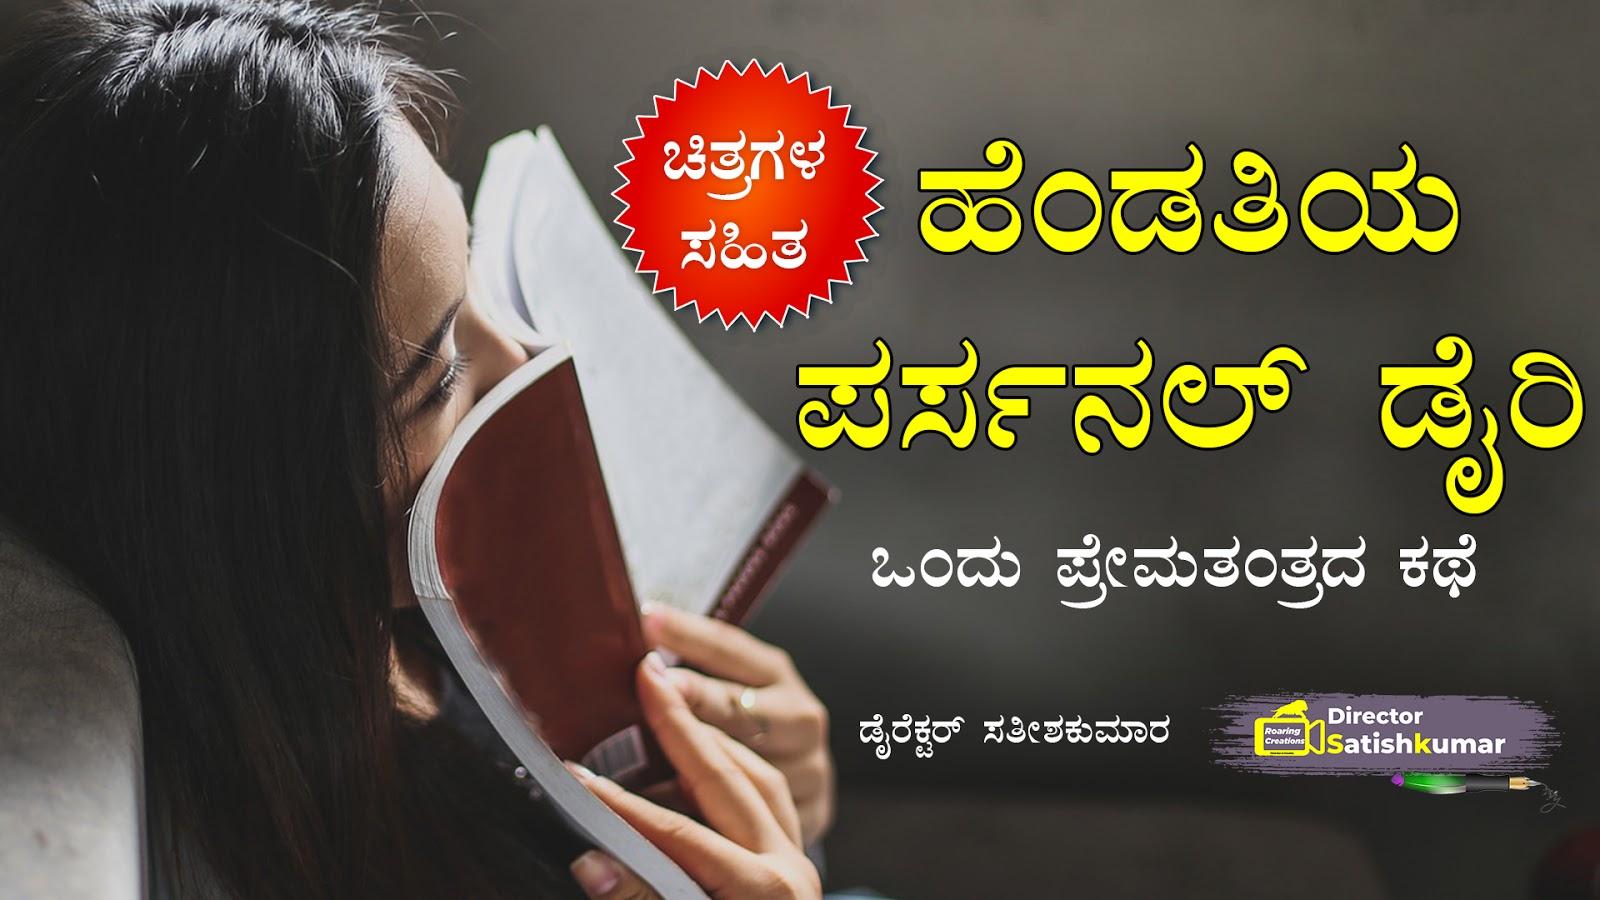 ಹೆಂಡತಿಯ ಪರ್ಸನಲ್ ಡೈರಿ : ಒಂದು ಪ್ರೇಮತಂತ್ರದ ಕಥೆ  Prem Tantra Story in Kannada - ಕನ್ನಡ ಕಥೆ ಪುಸ್ತಕಗಳು - Kannada Story Books -  E Books Kannada - Kannada Books